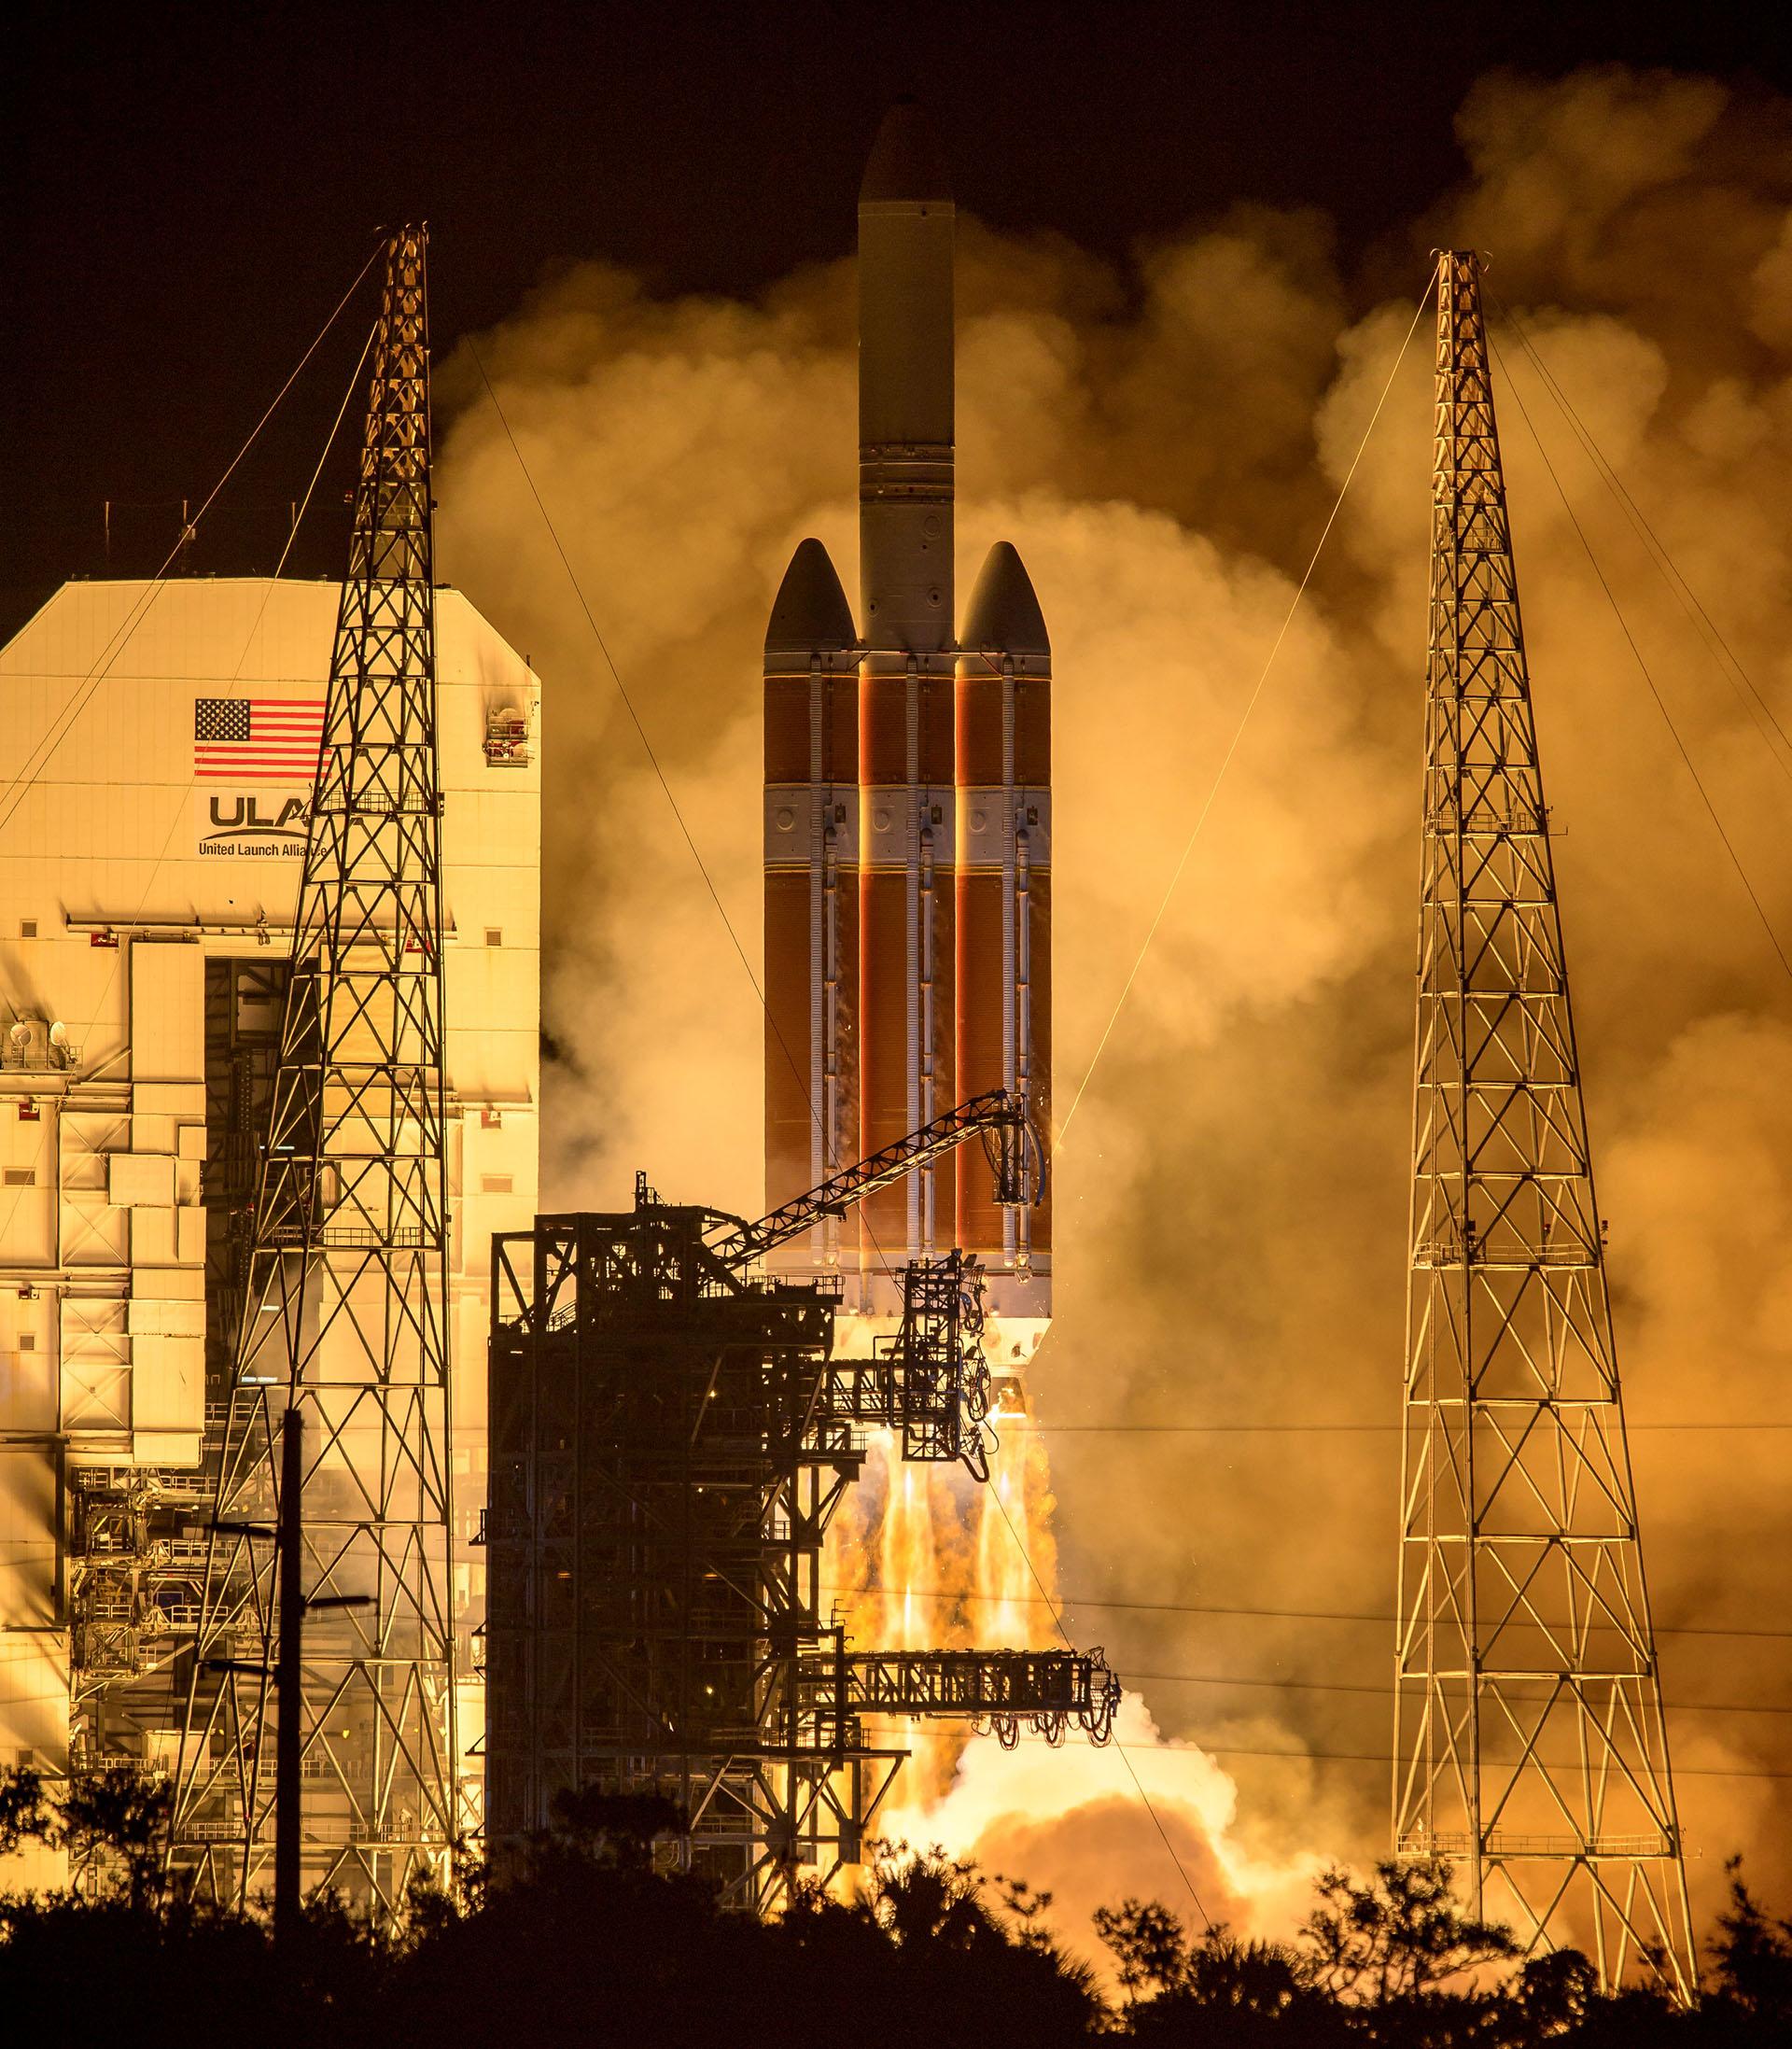 El proyecto, con un costo de 1.500 millones de dólares, es la primera misión importante bajo el programa Living With a Star de la NASA